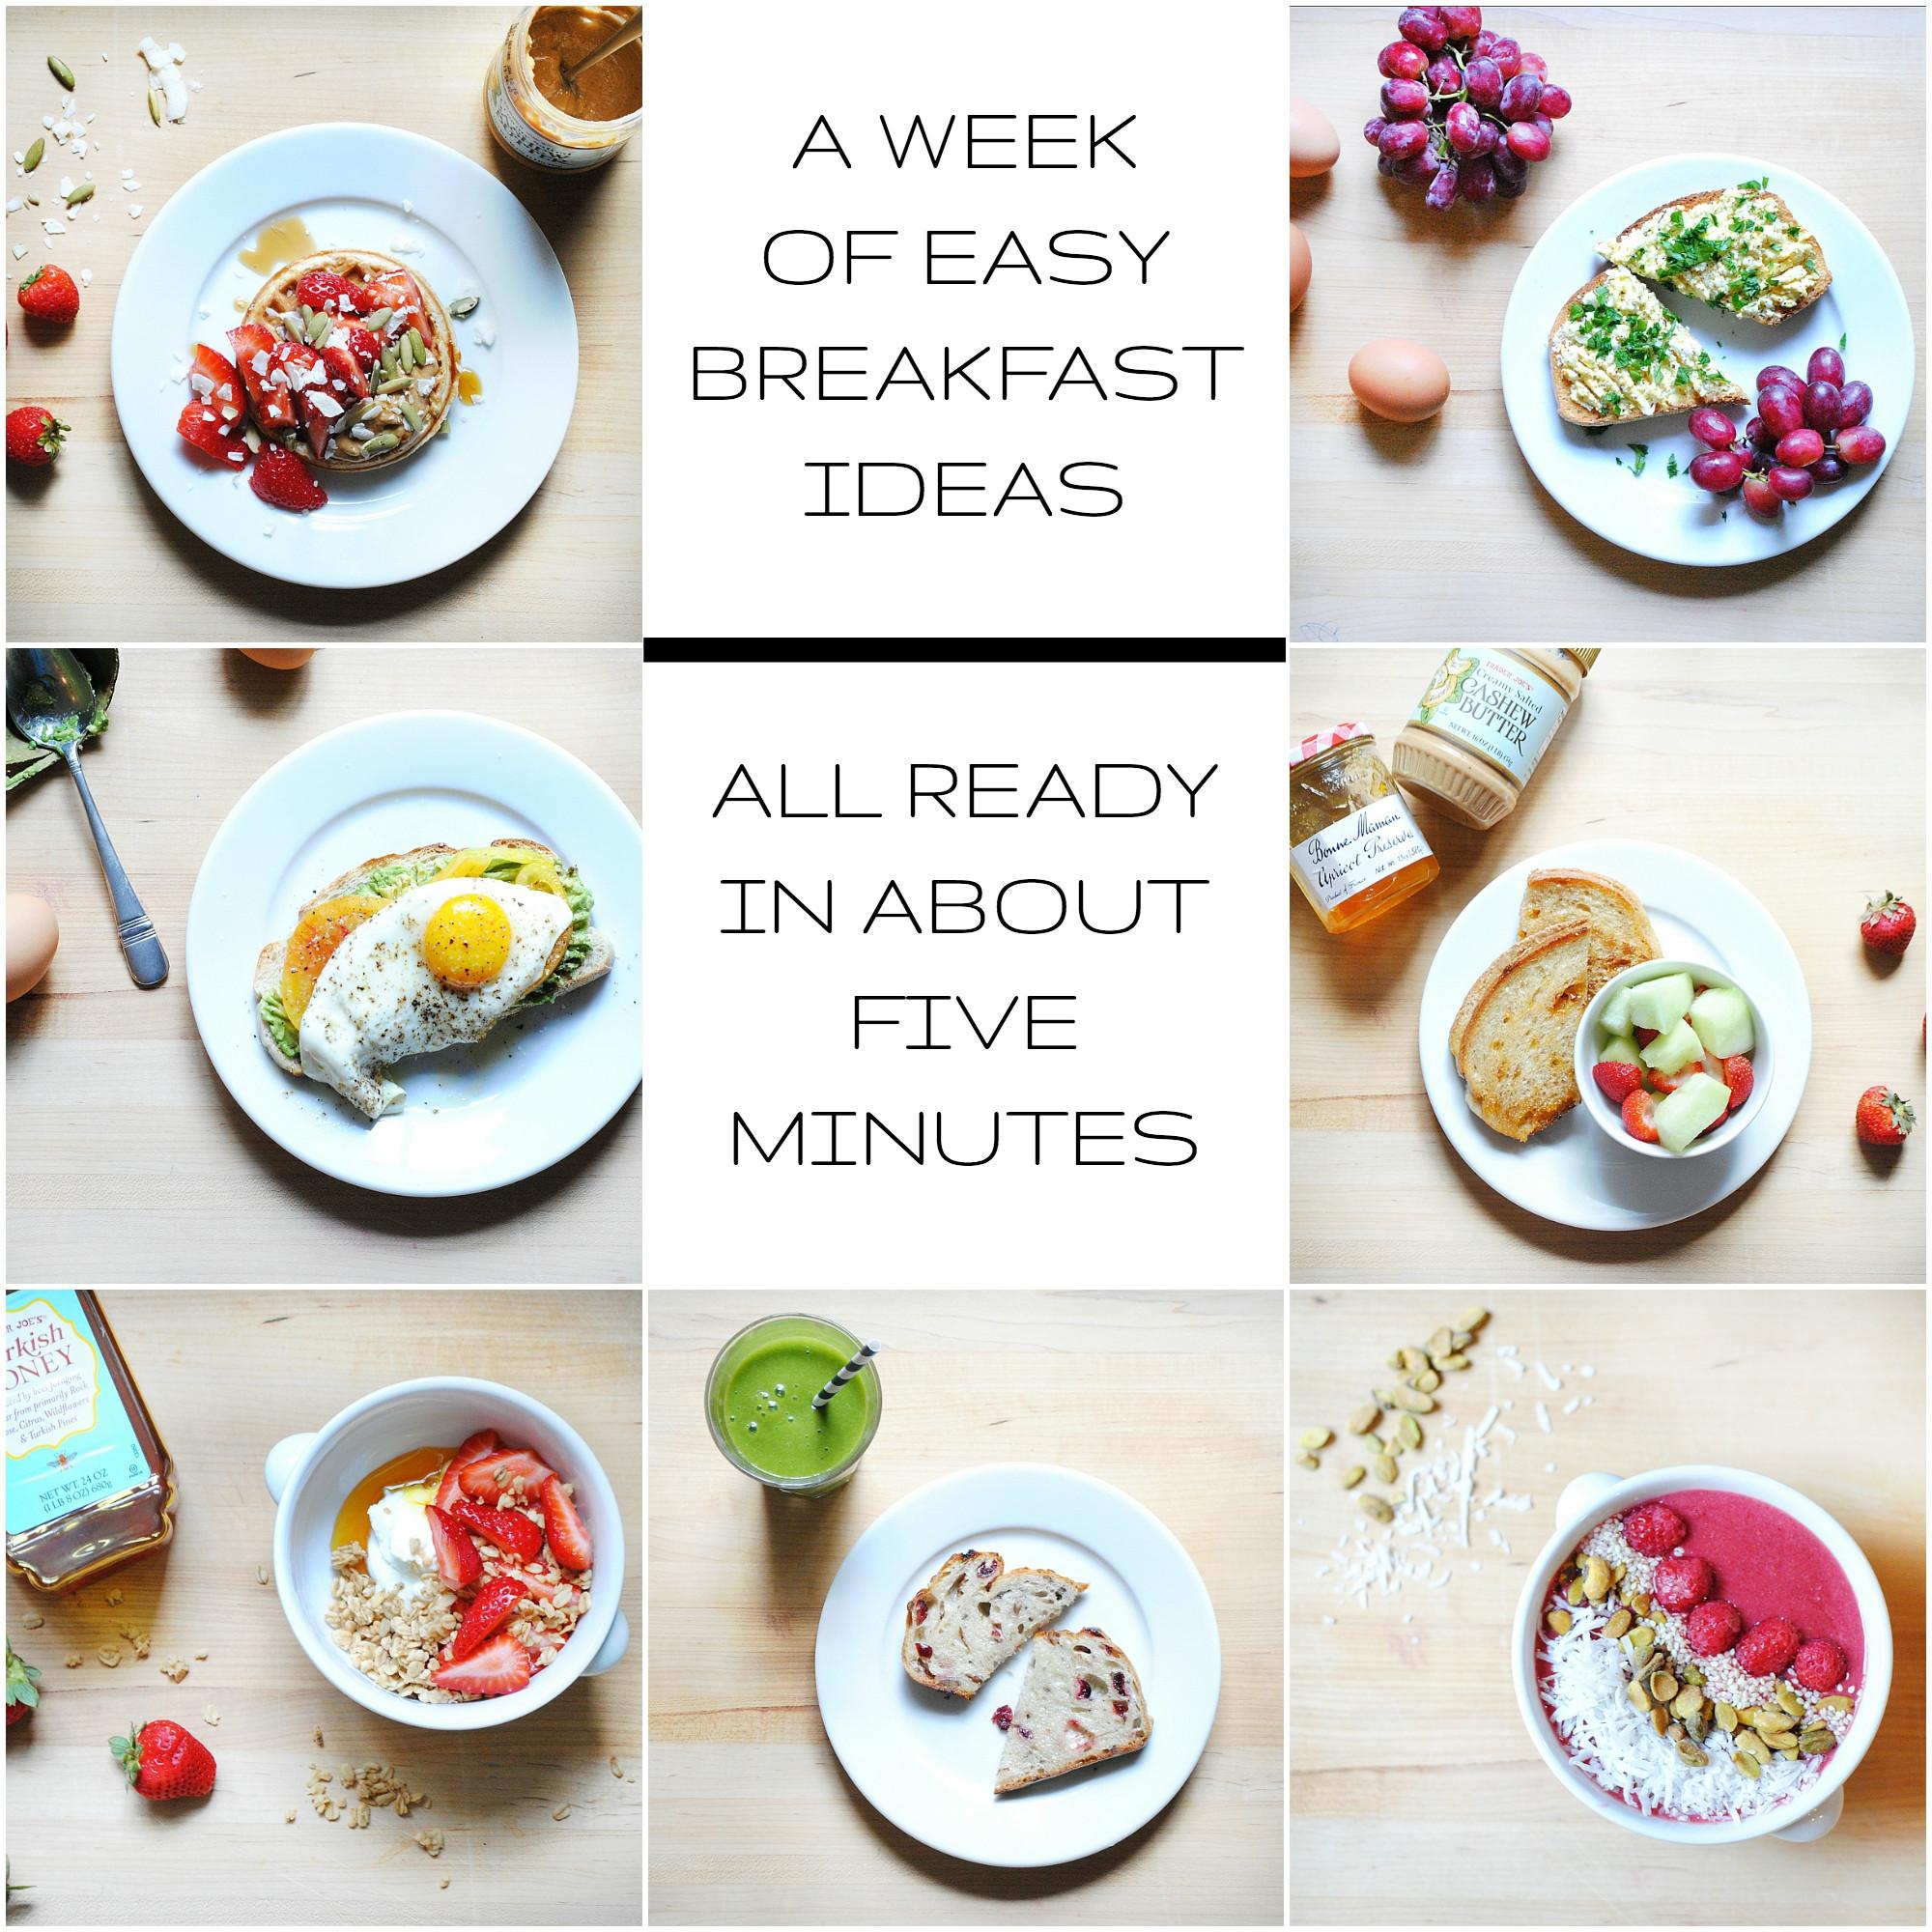 Easy Breakfast Healthy  A Week of Healthy Easy Breakfast Ideas All Ready in